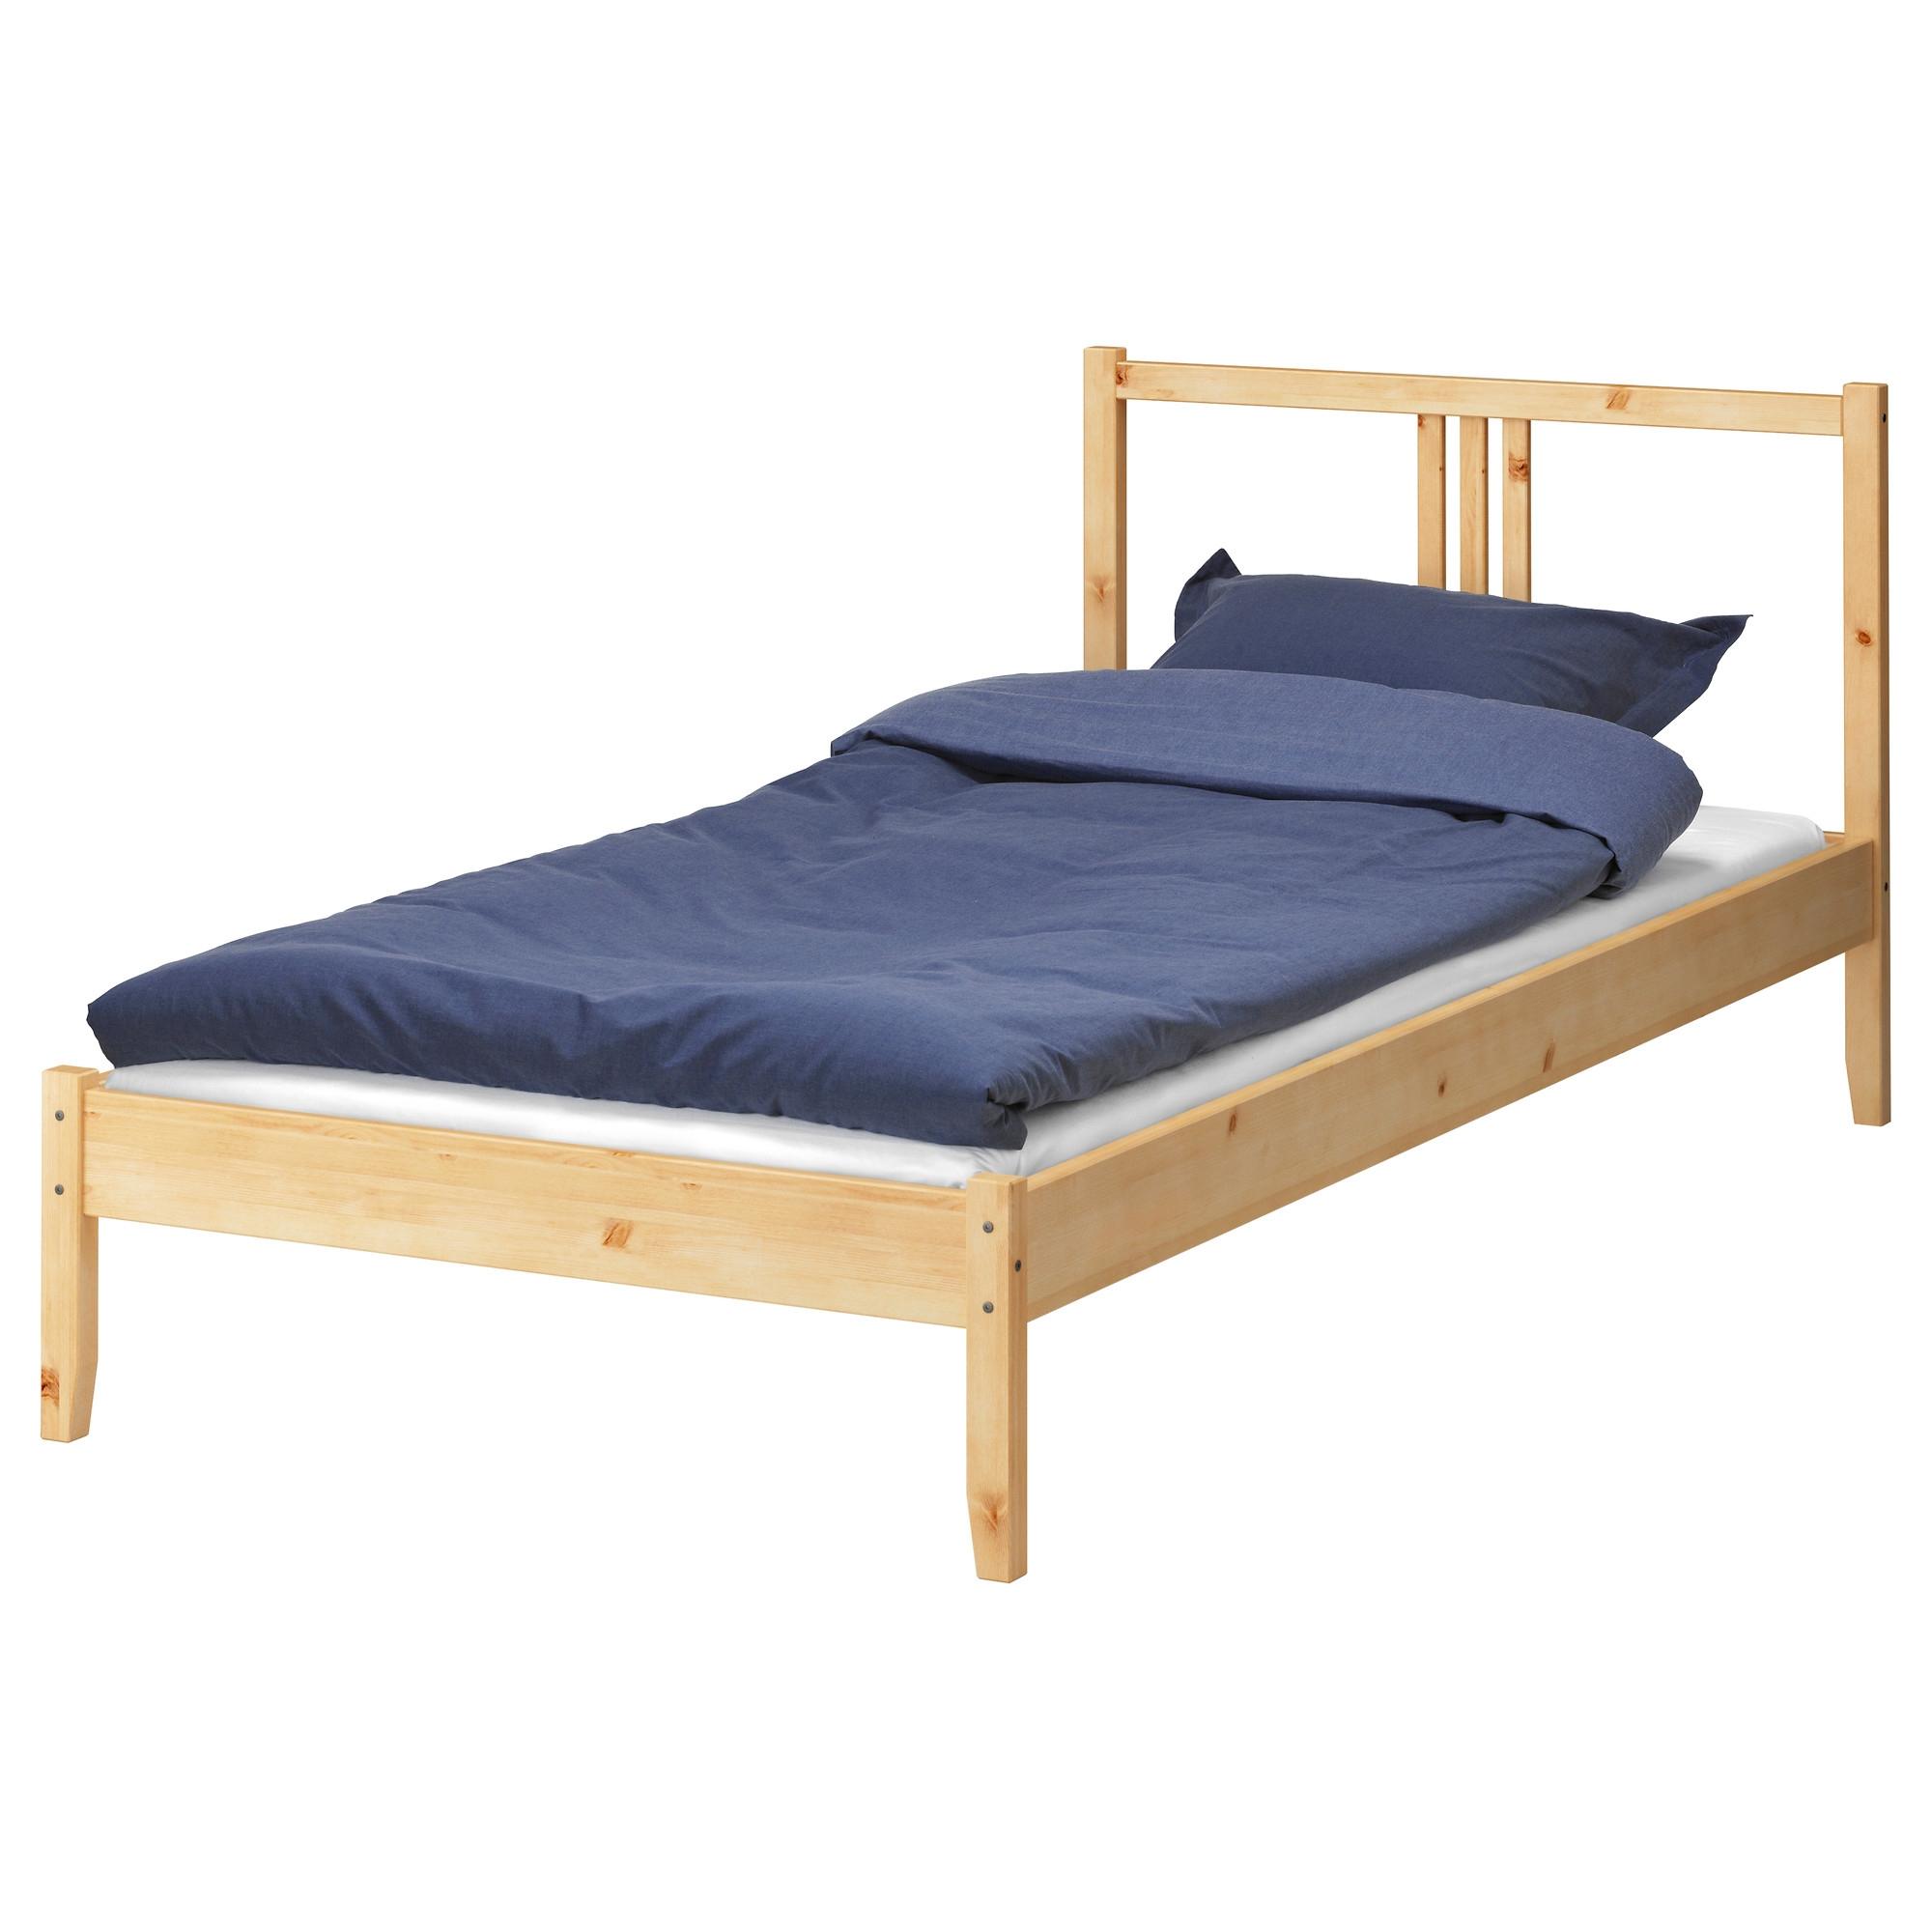 Fjellse estructura cama 90 pino sin tratar - Muebles de pino sin tratar ...